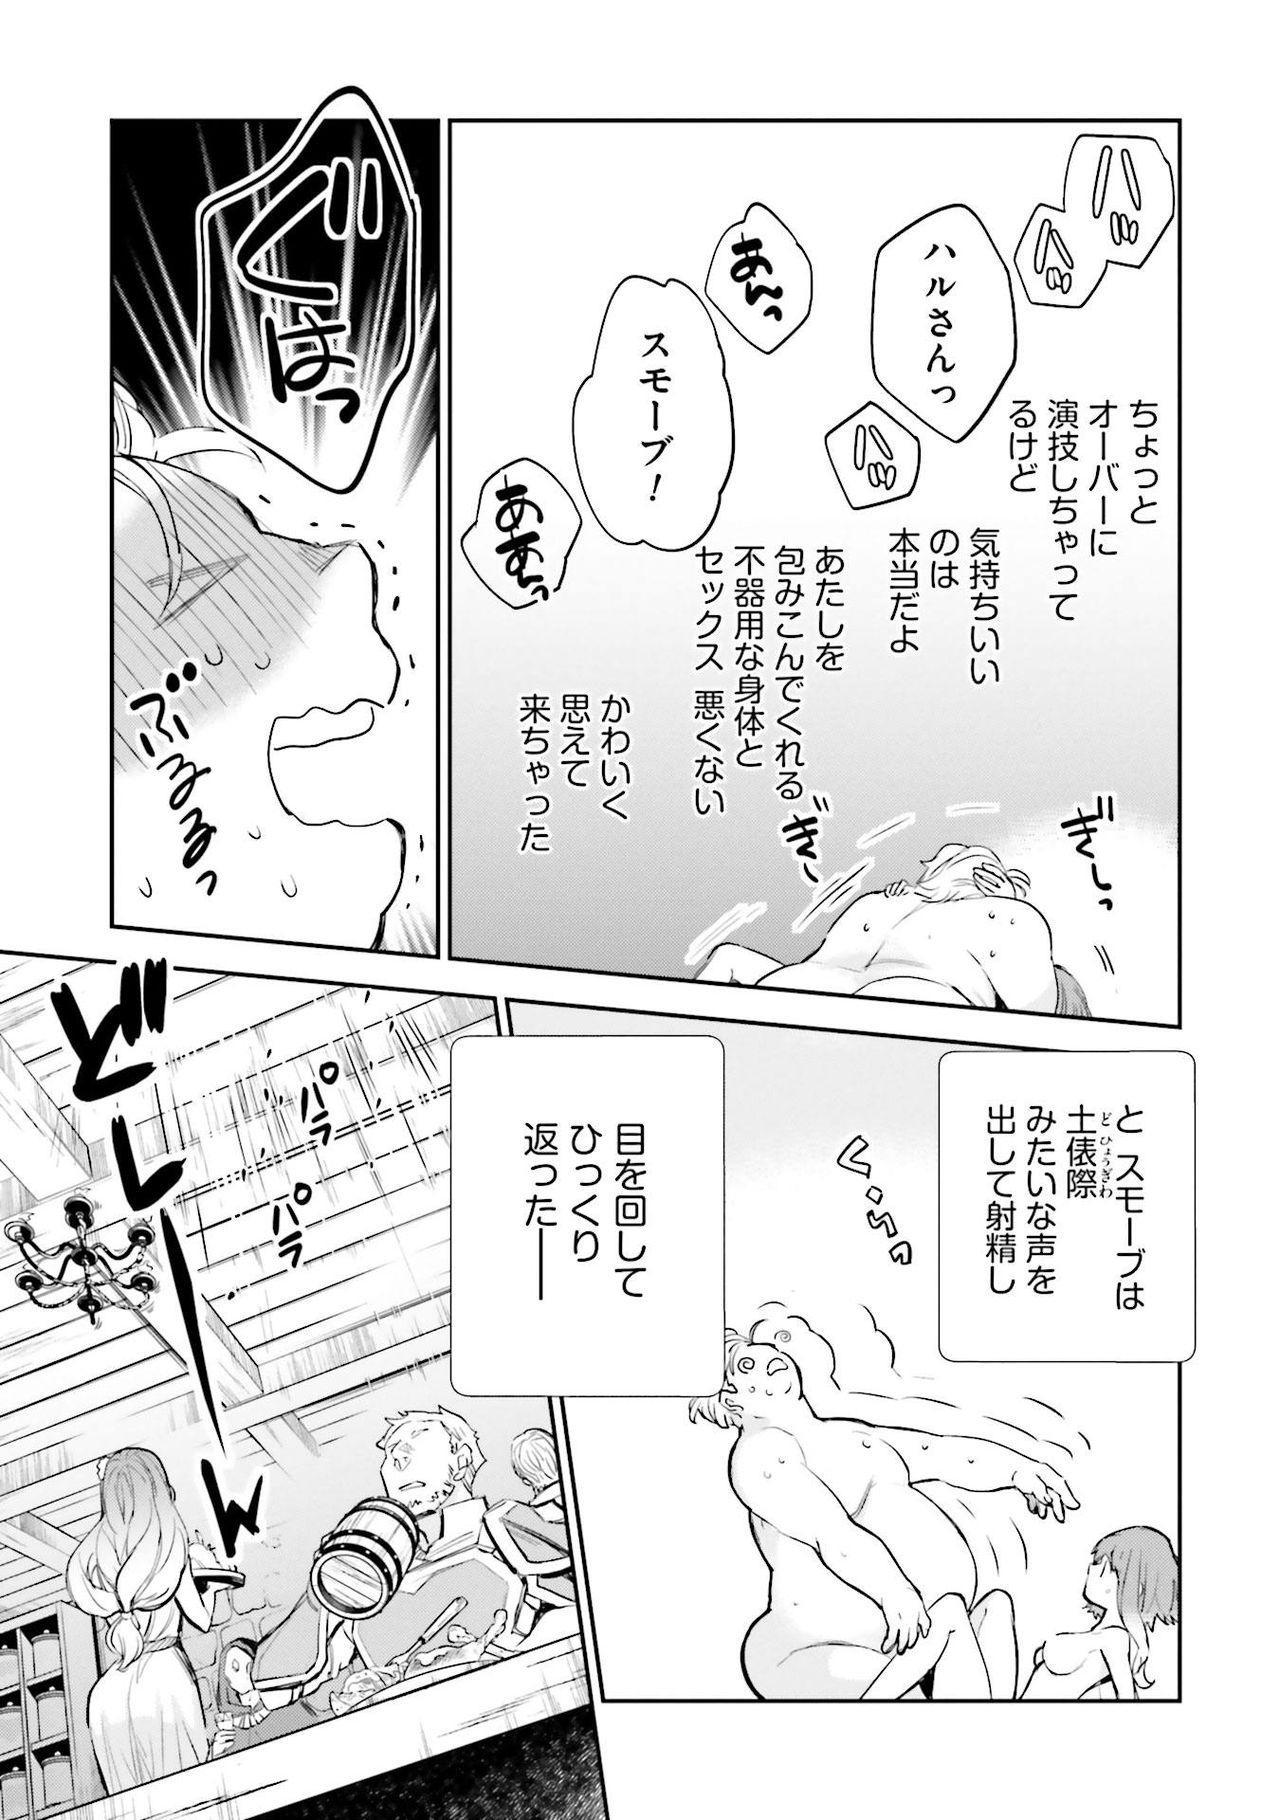 JK Haru wa Isekai de Shoufu ni Natta 1-14 287